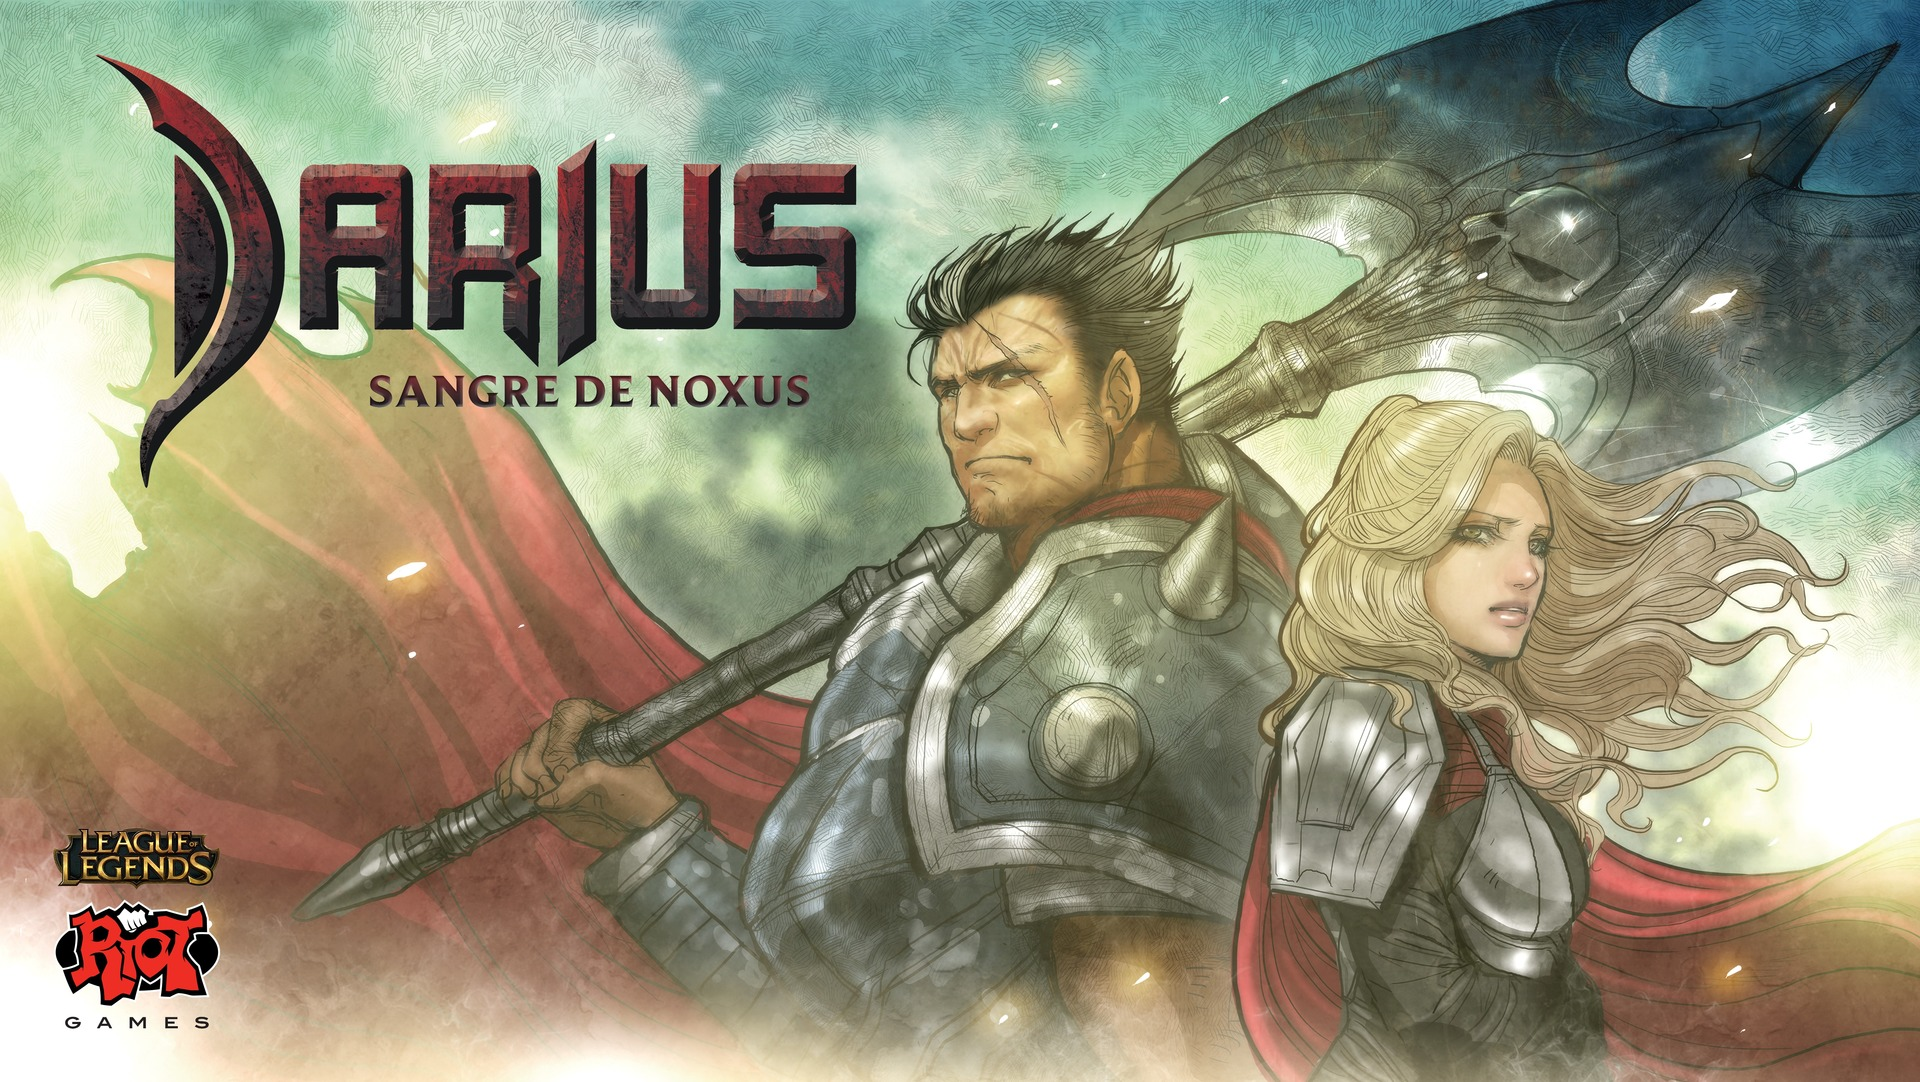 darius noxus